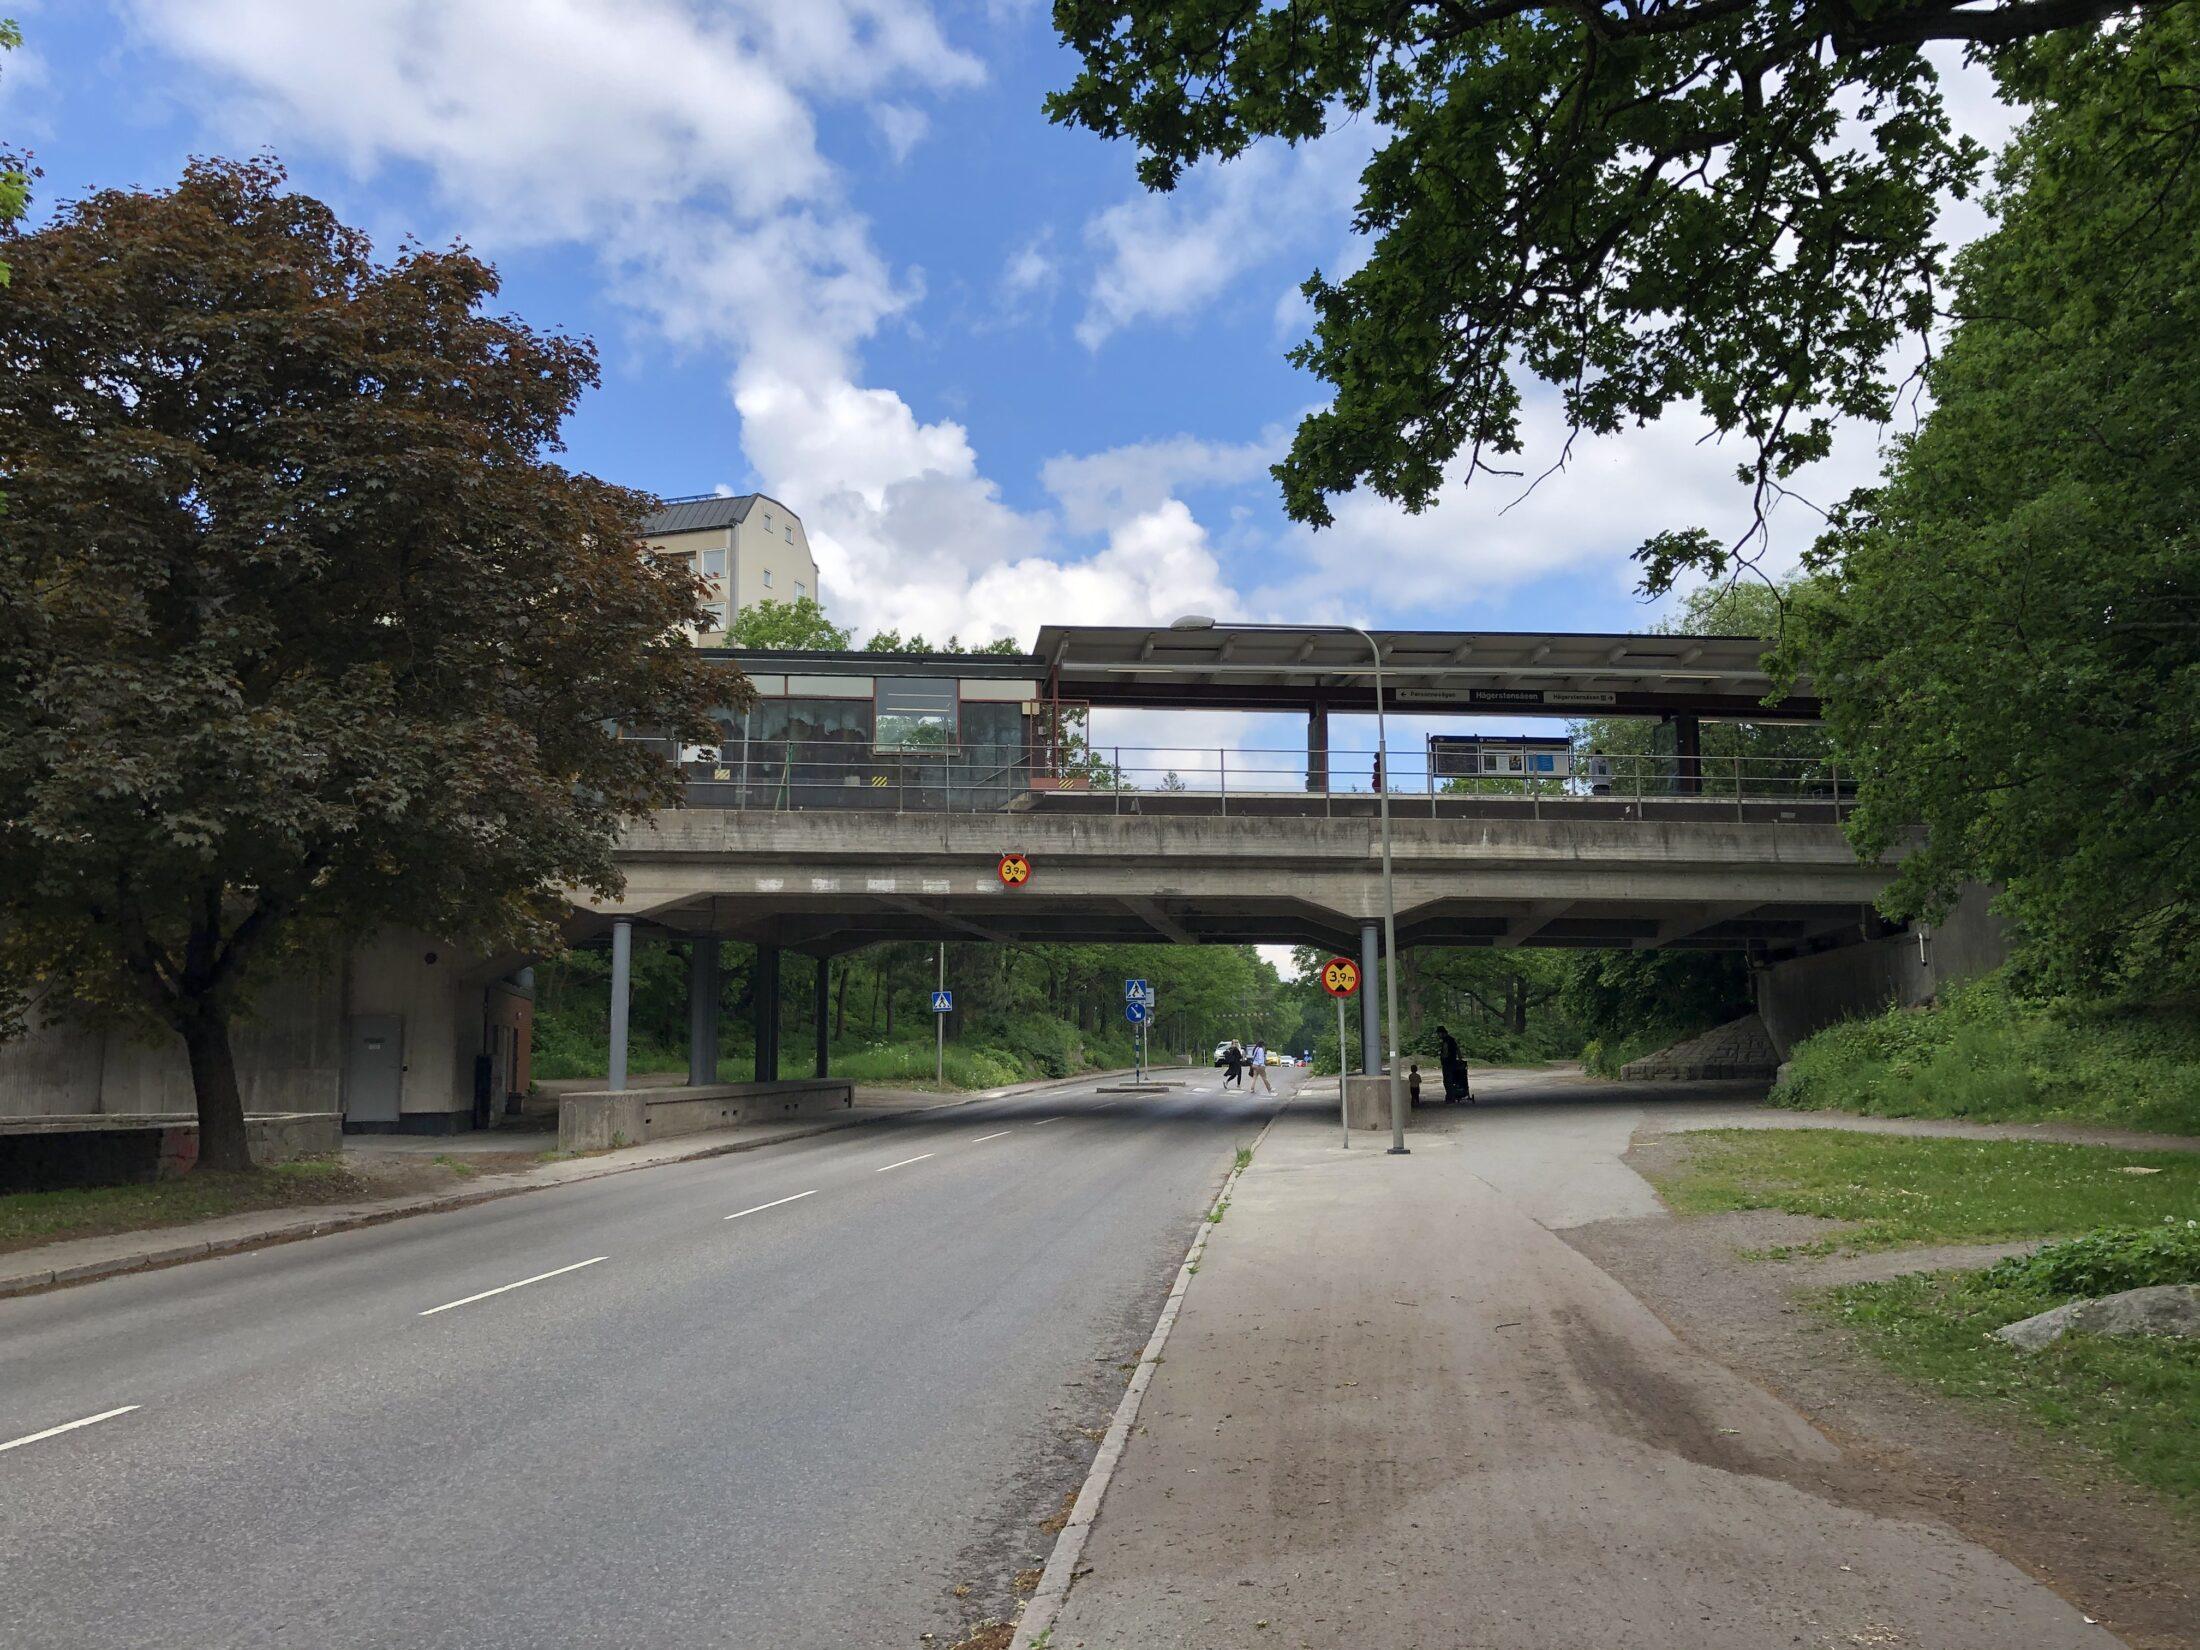 Personnevägen med tunnelbanebron över vägen